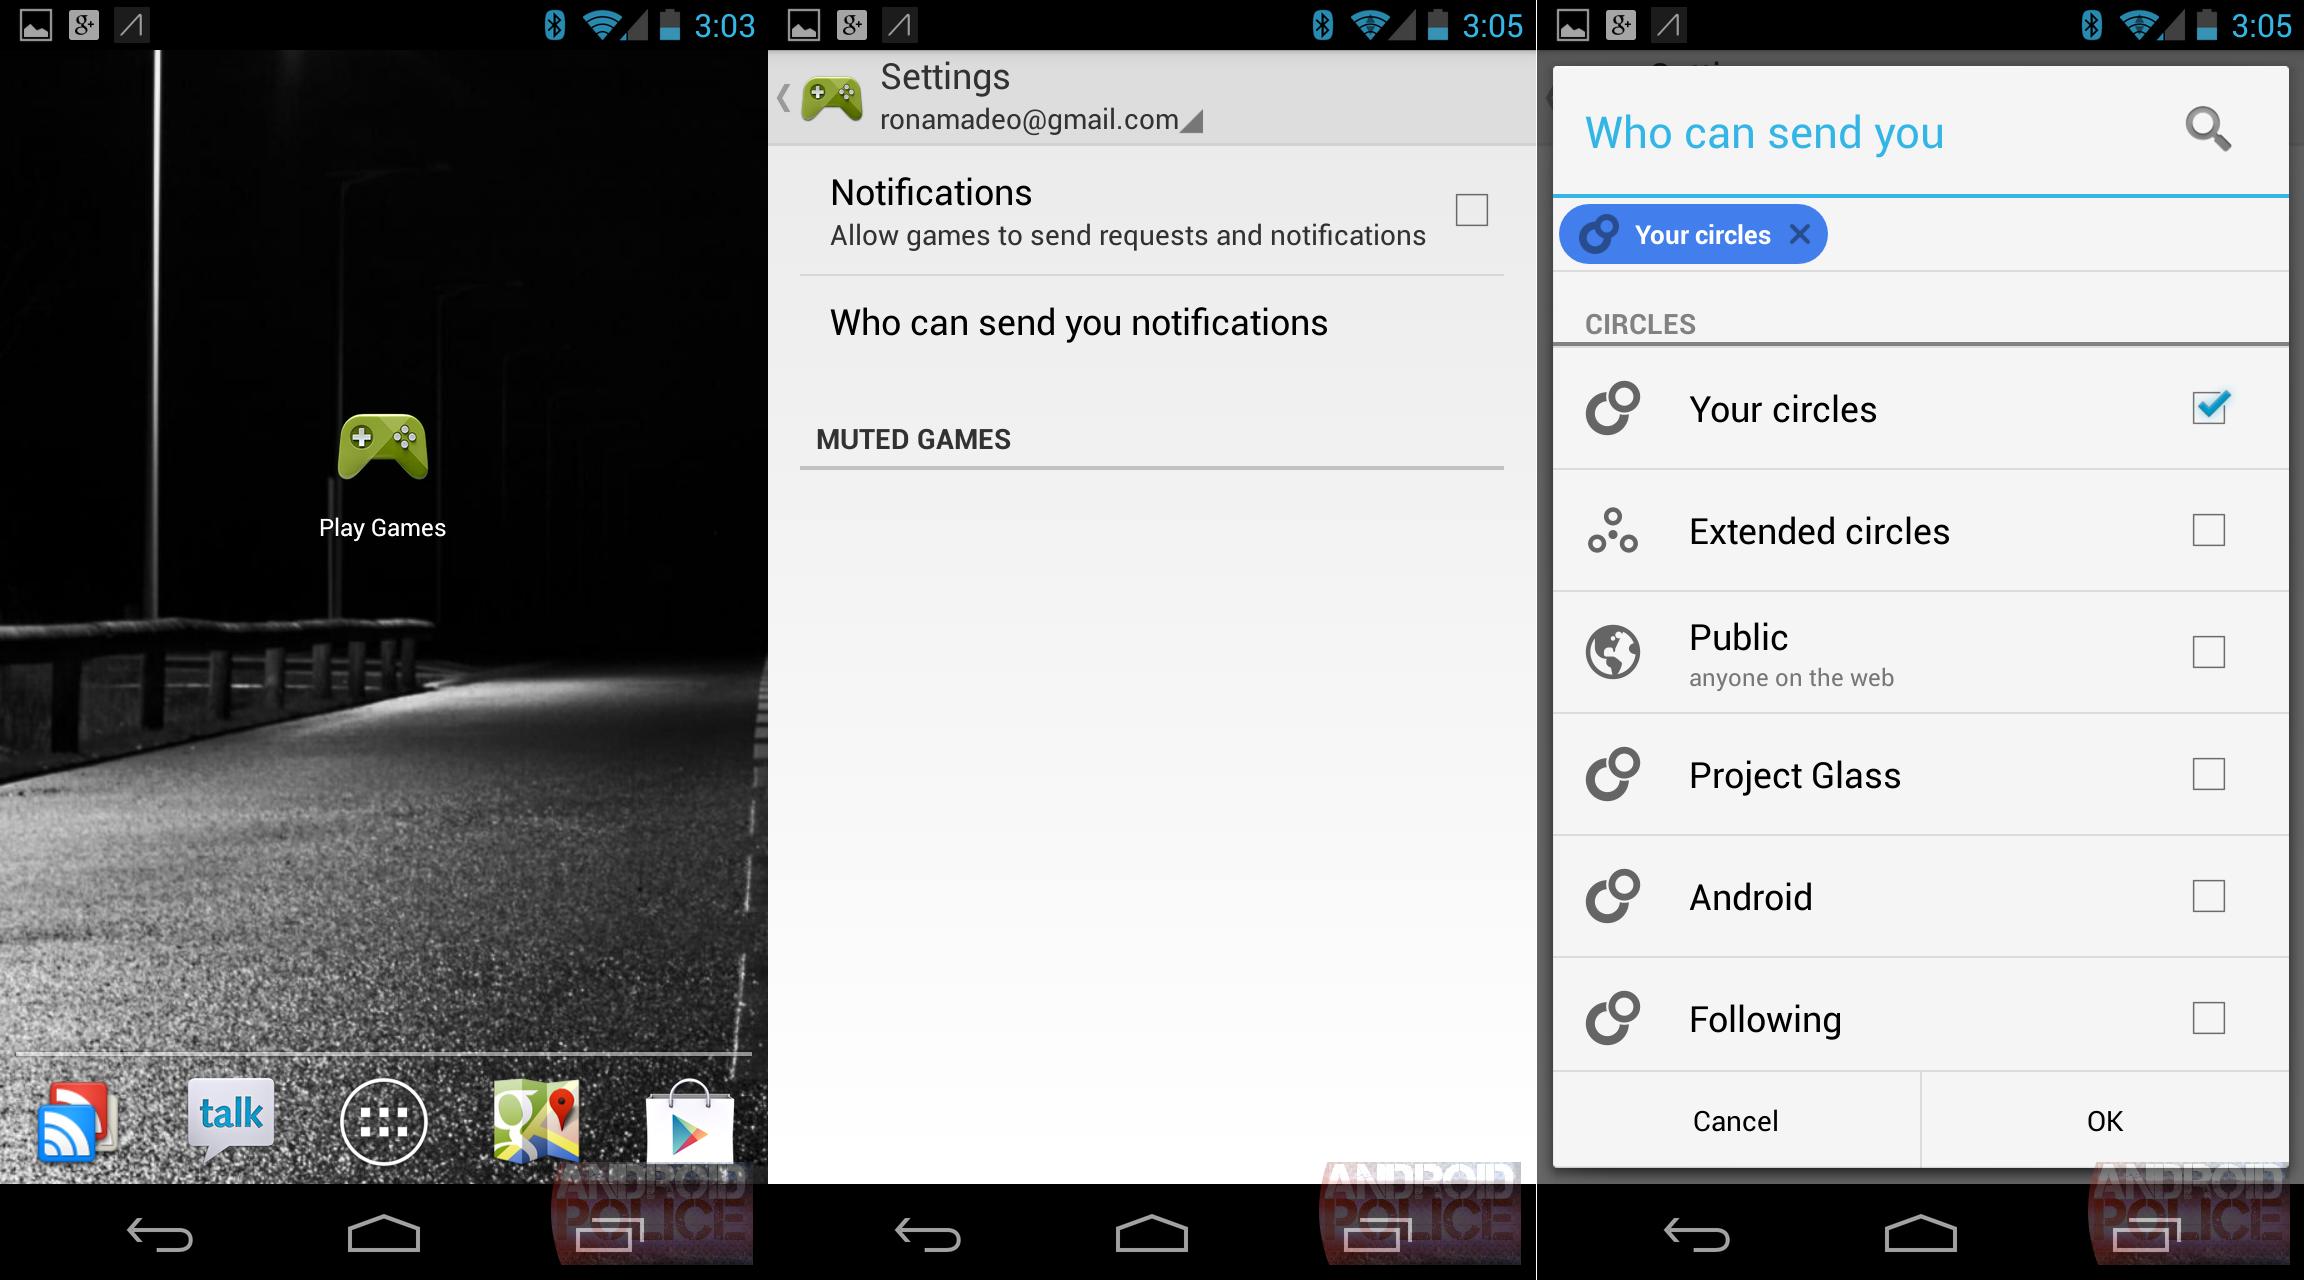 Google Play Games vaza e promete integrar jogos com multiplayer, conquistas e salvamento na nuvem